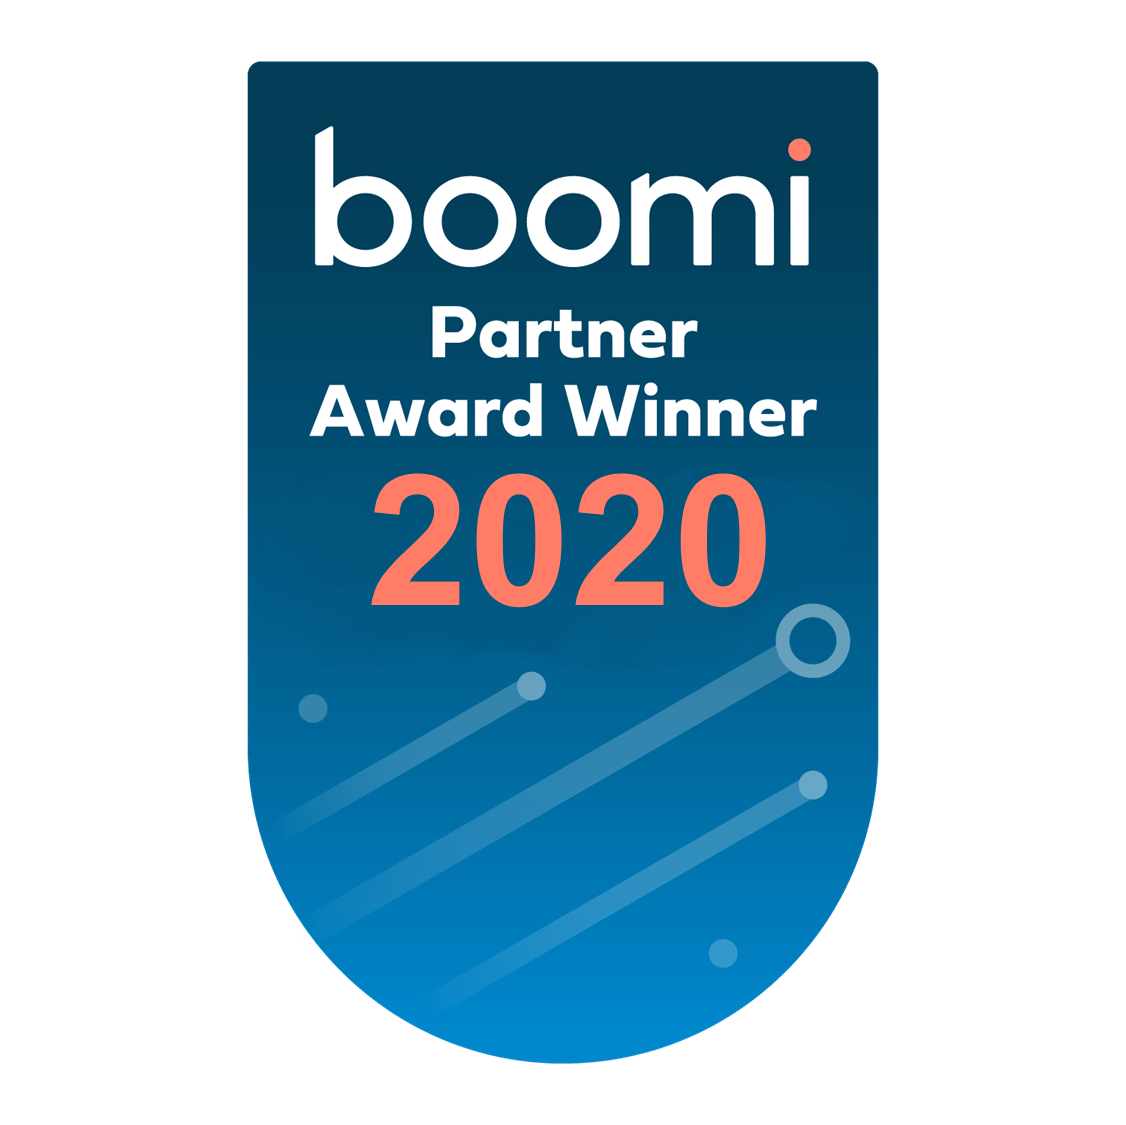 Boomi Partner Award